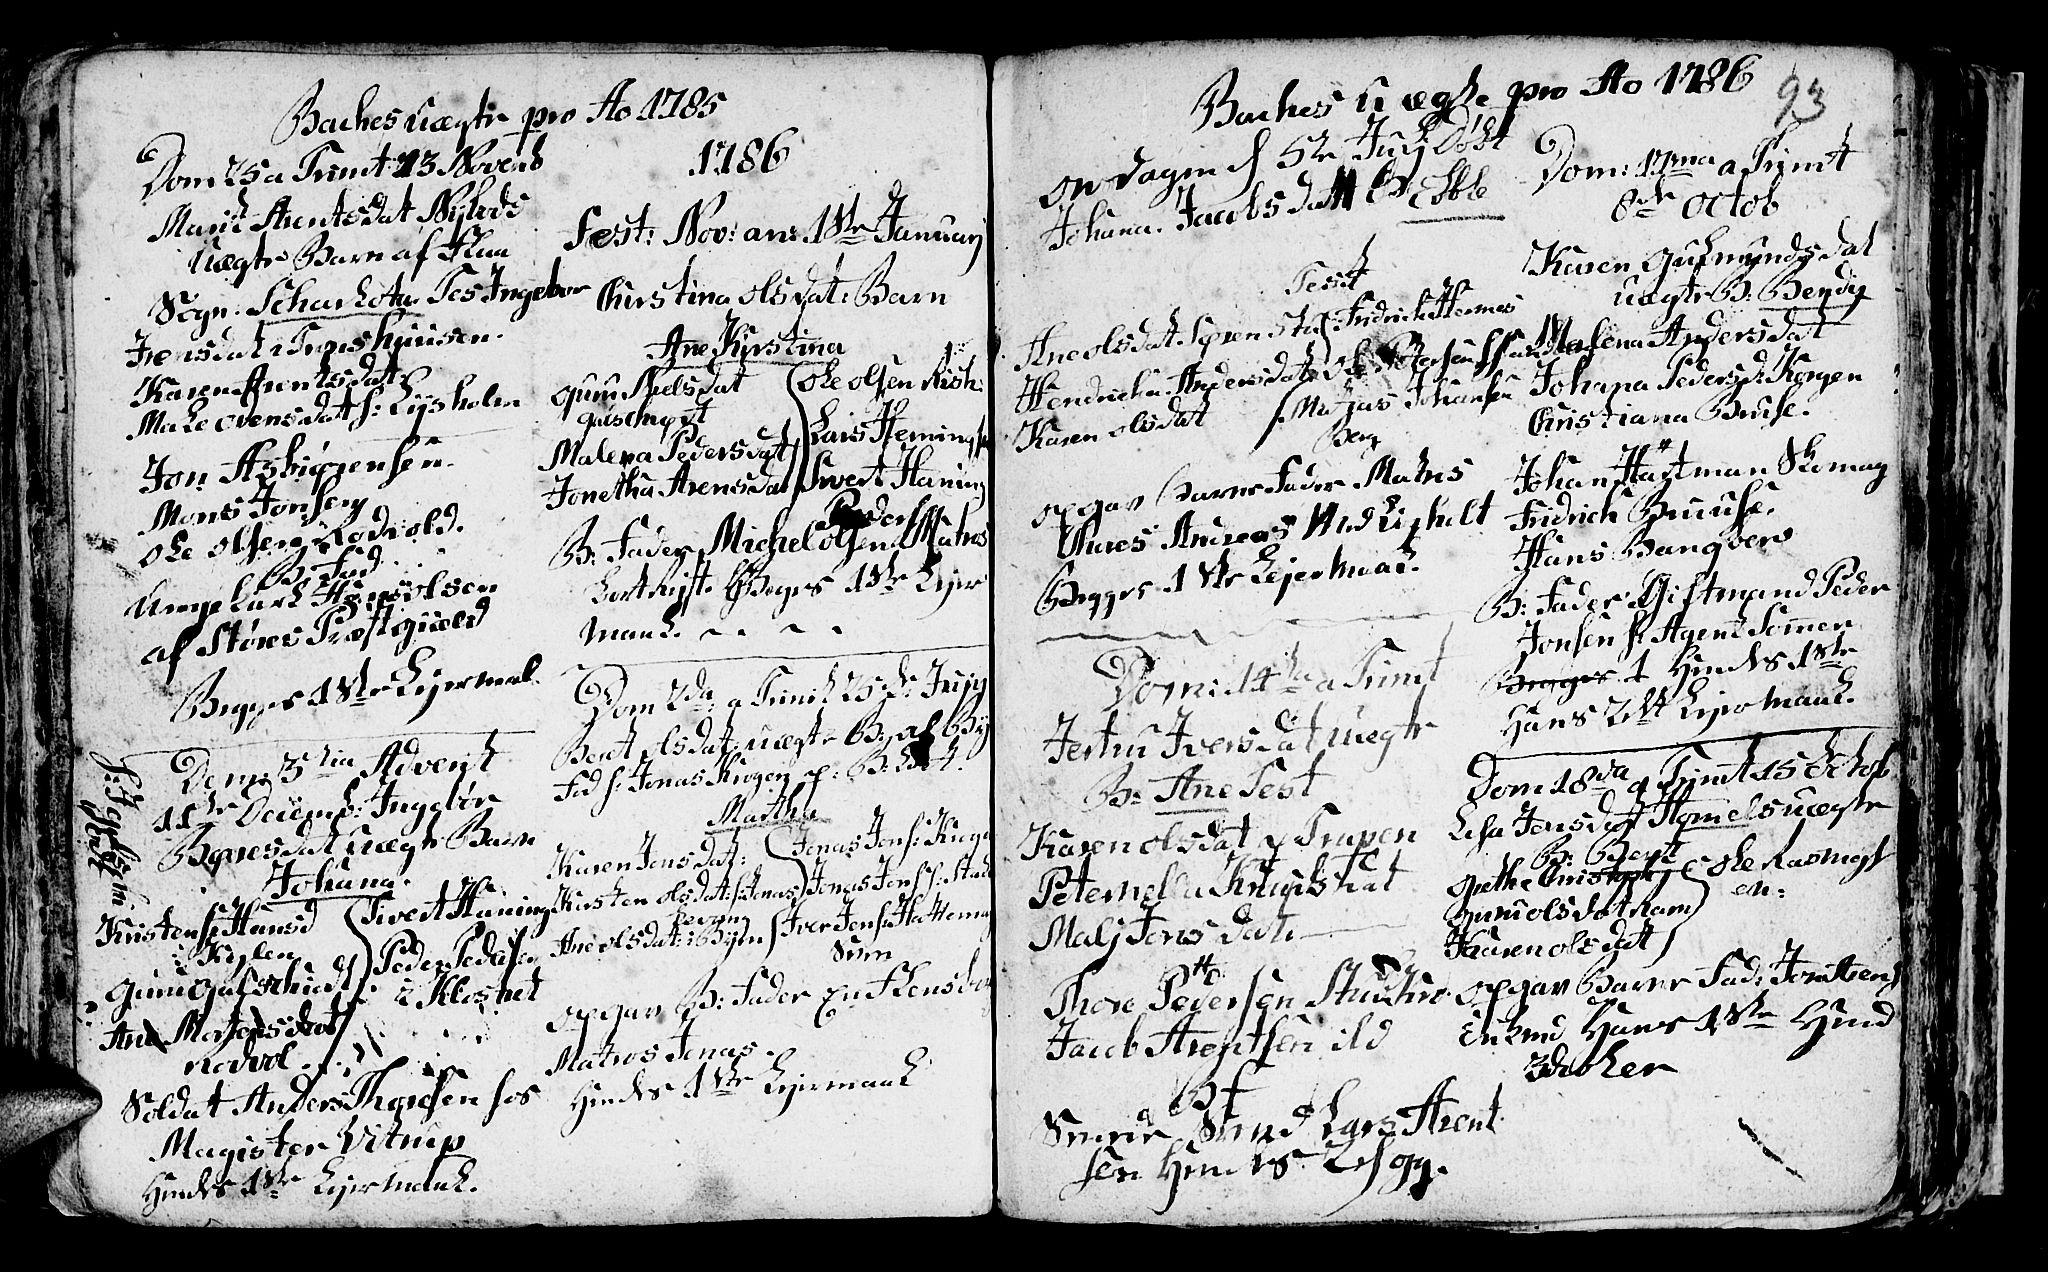 SAT, Ministerialprotokoller, klokkerbøker og fødselsregistre - Sør-Trøndelag, 604/L0218: Klokkerbok nr. 604C01, 1754-1819, s. 93